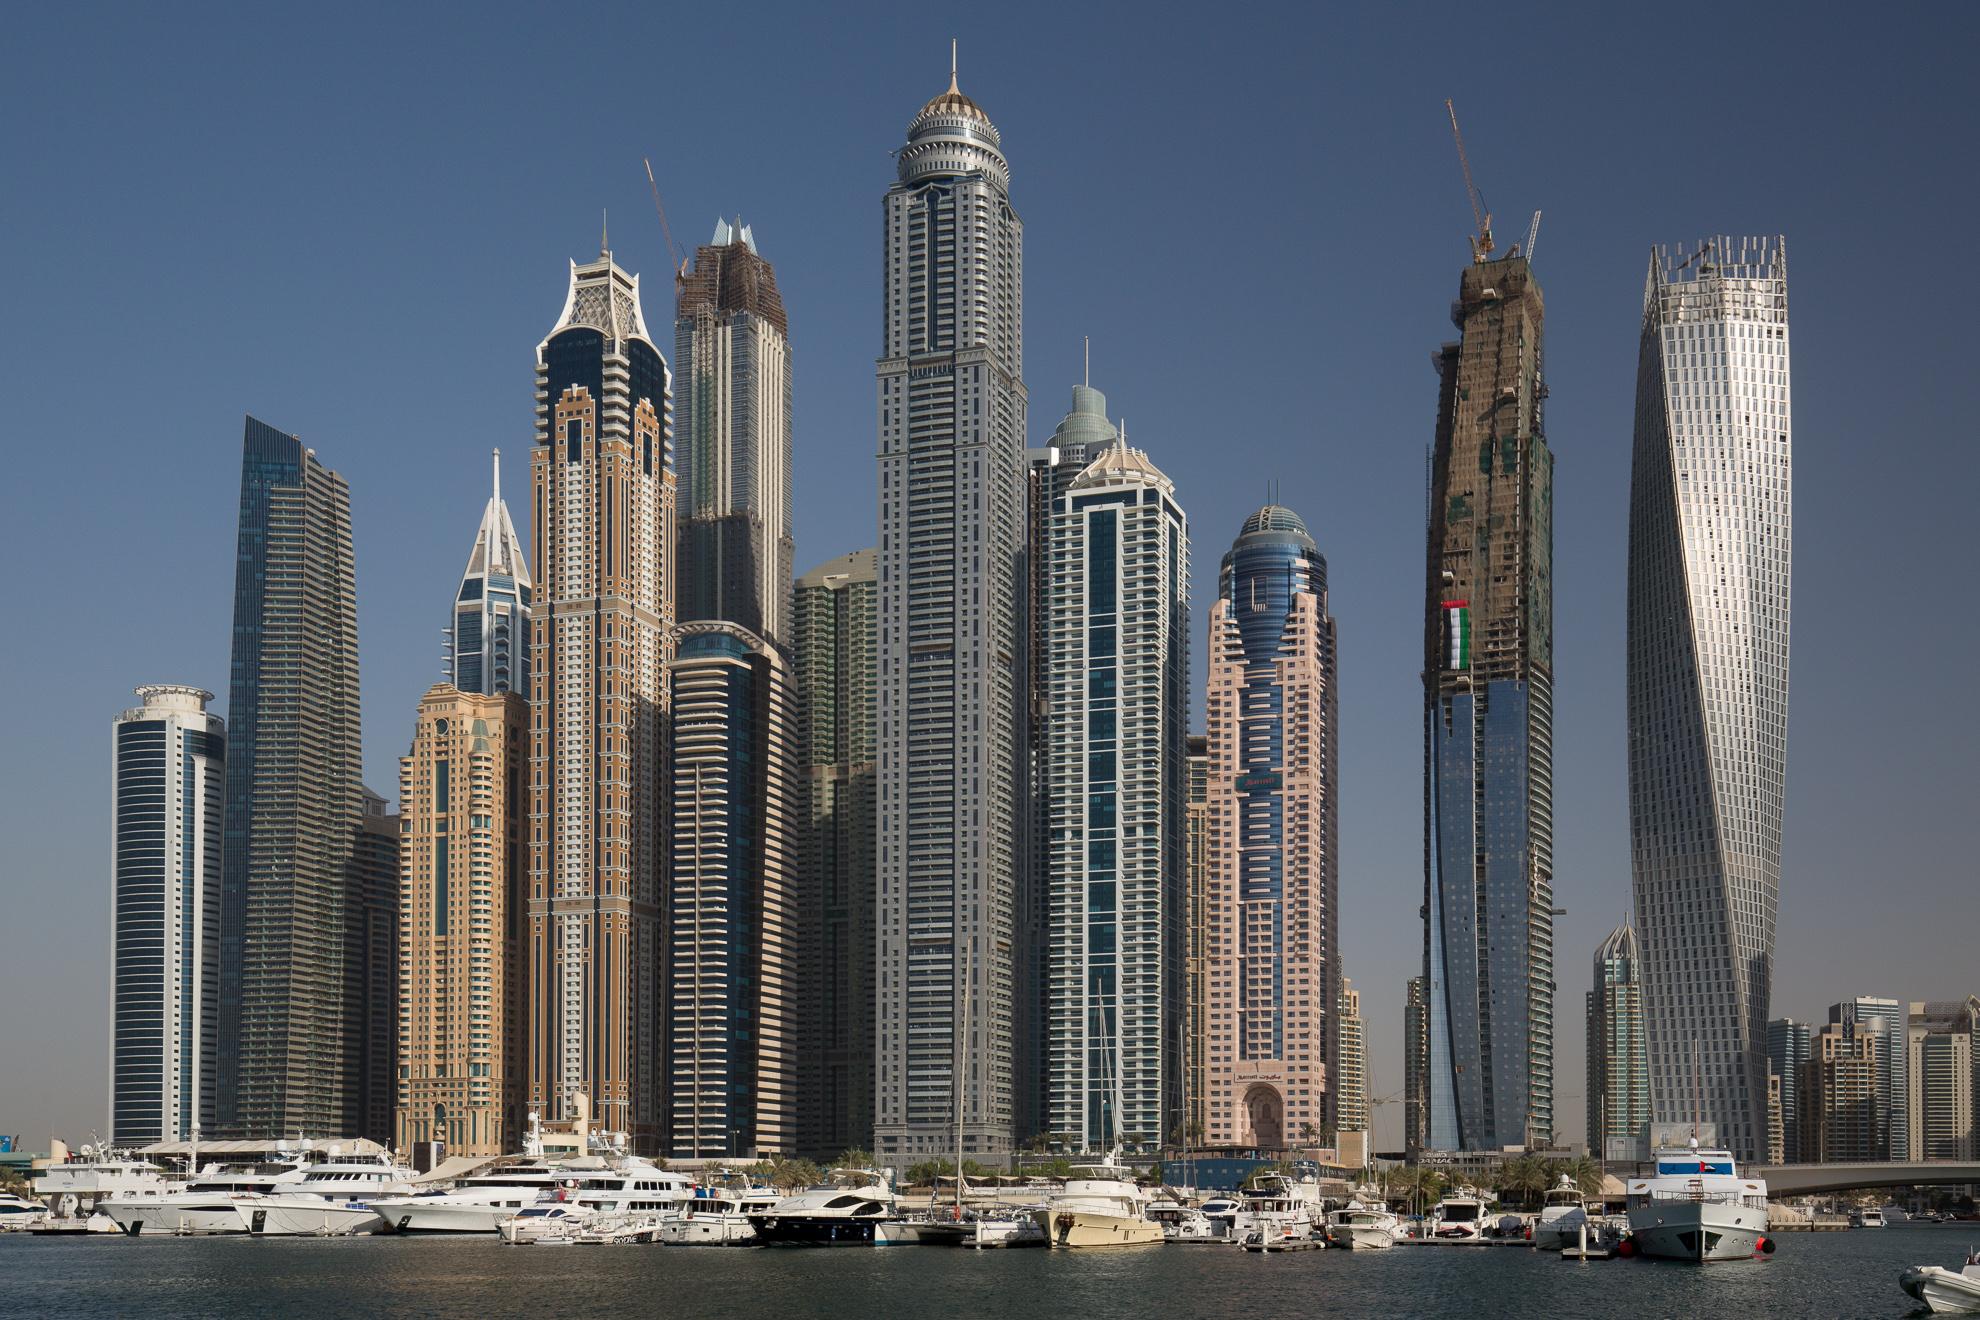 DUBAI | Marina 101 | 425m | 1394ft | 101 fl | Com